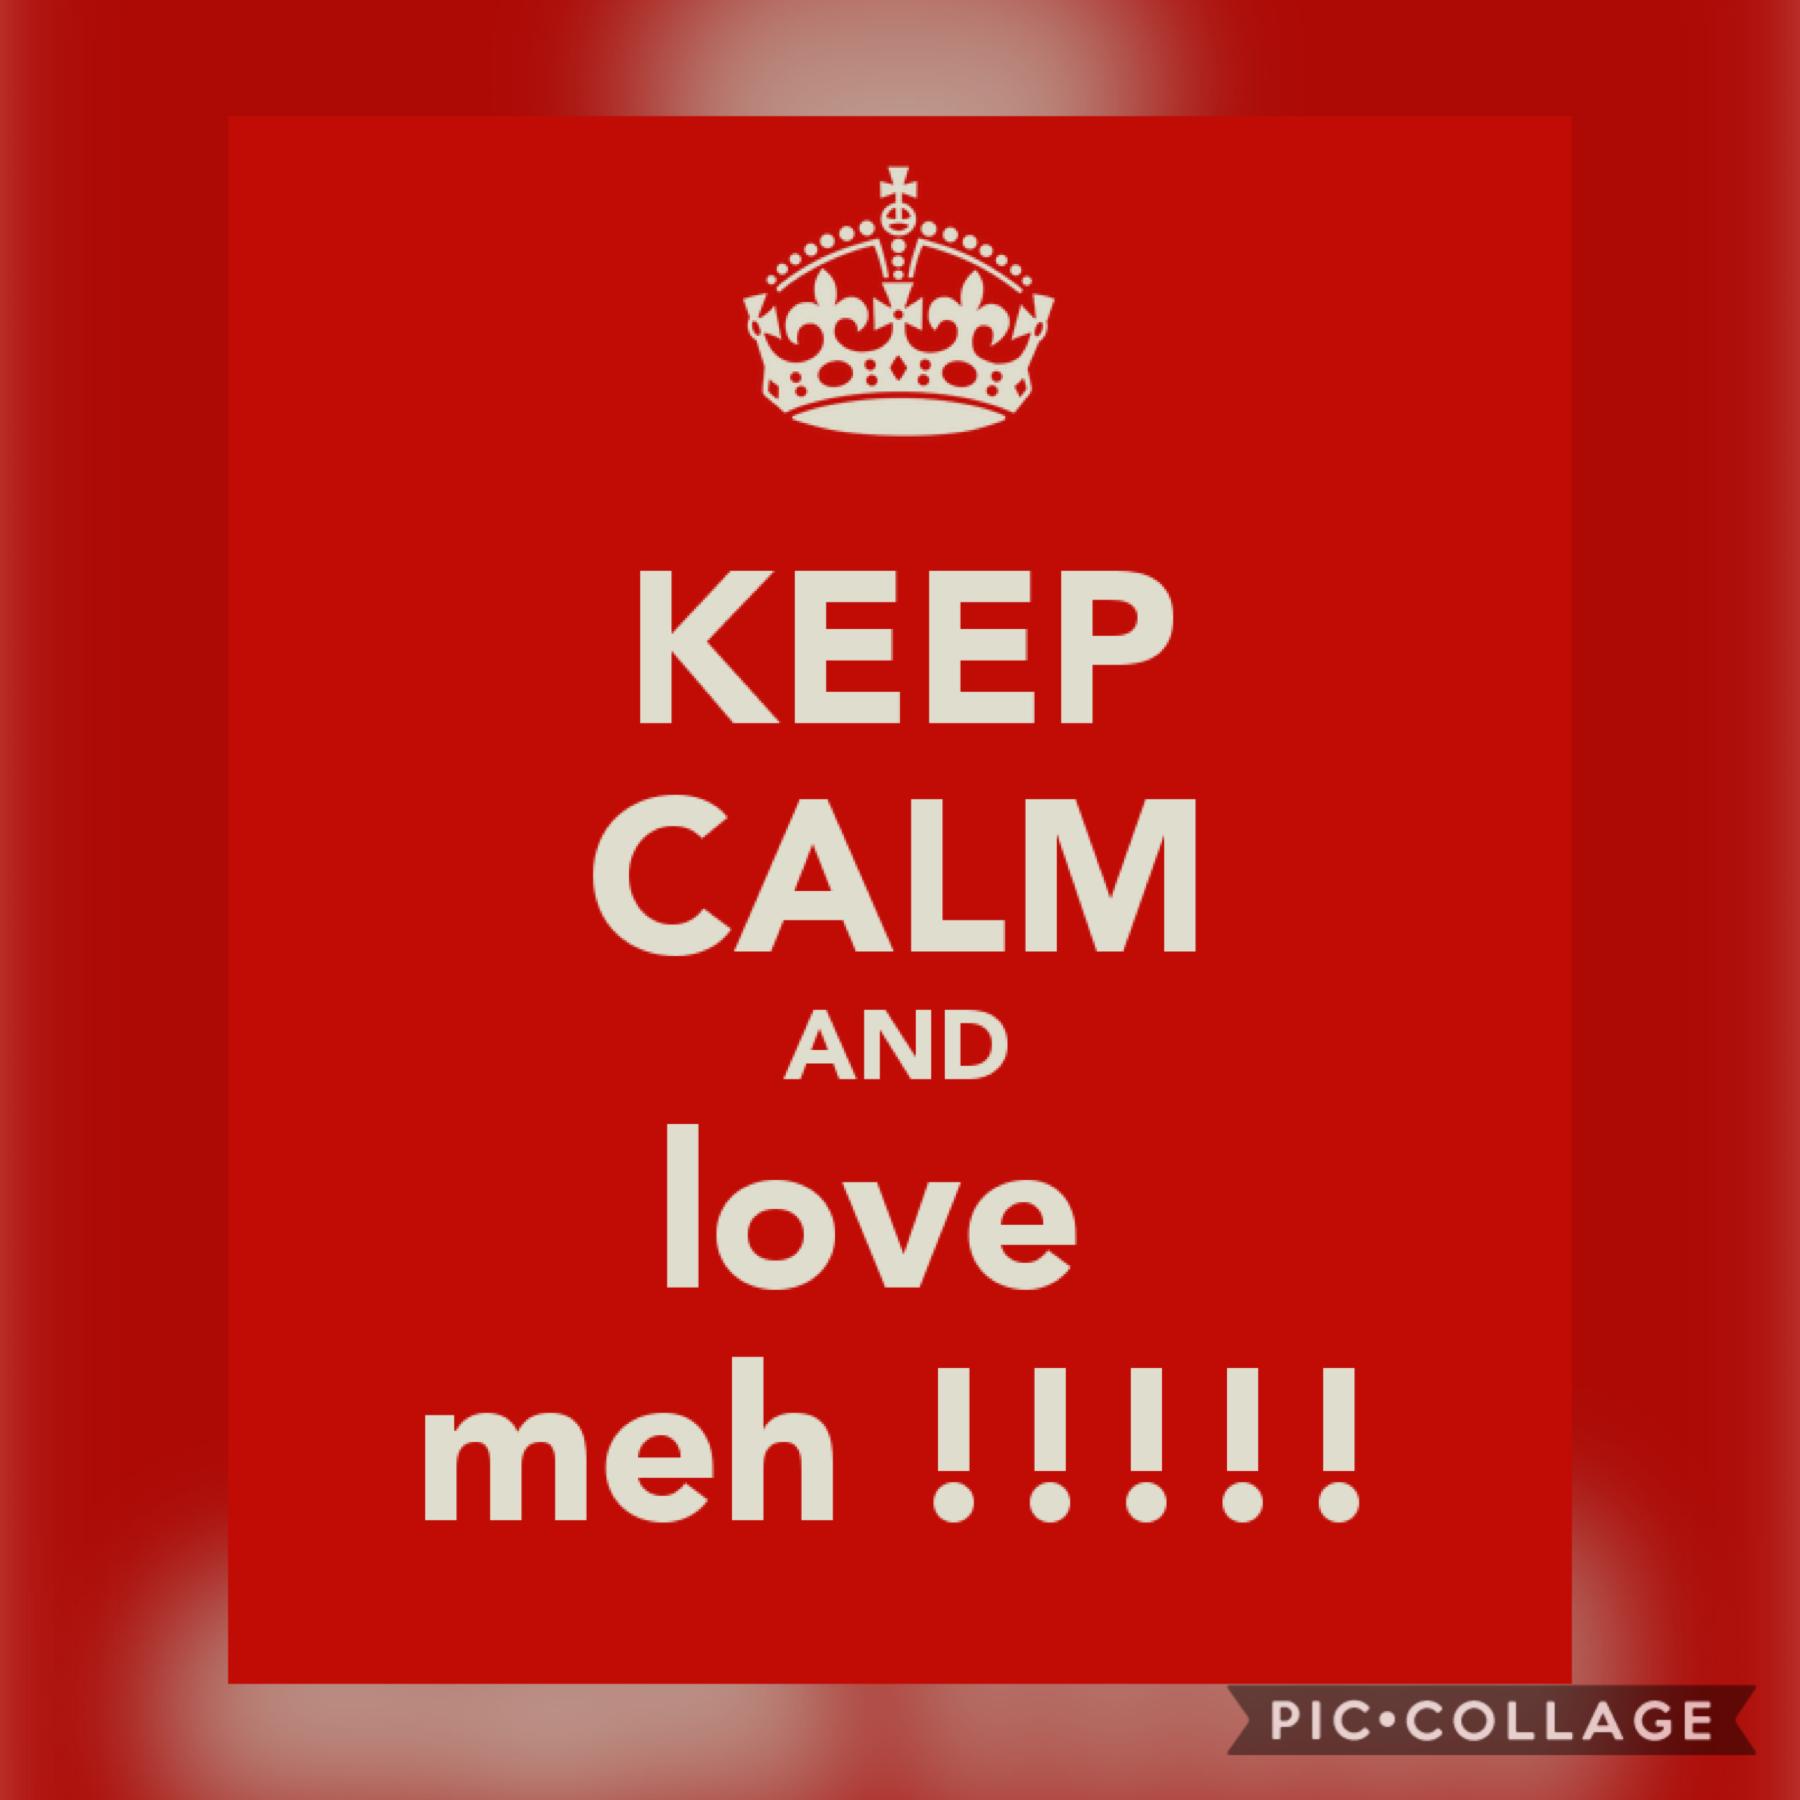 #yall i need loving!